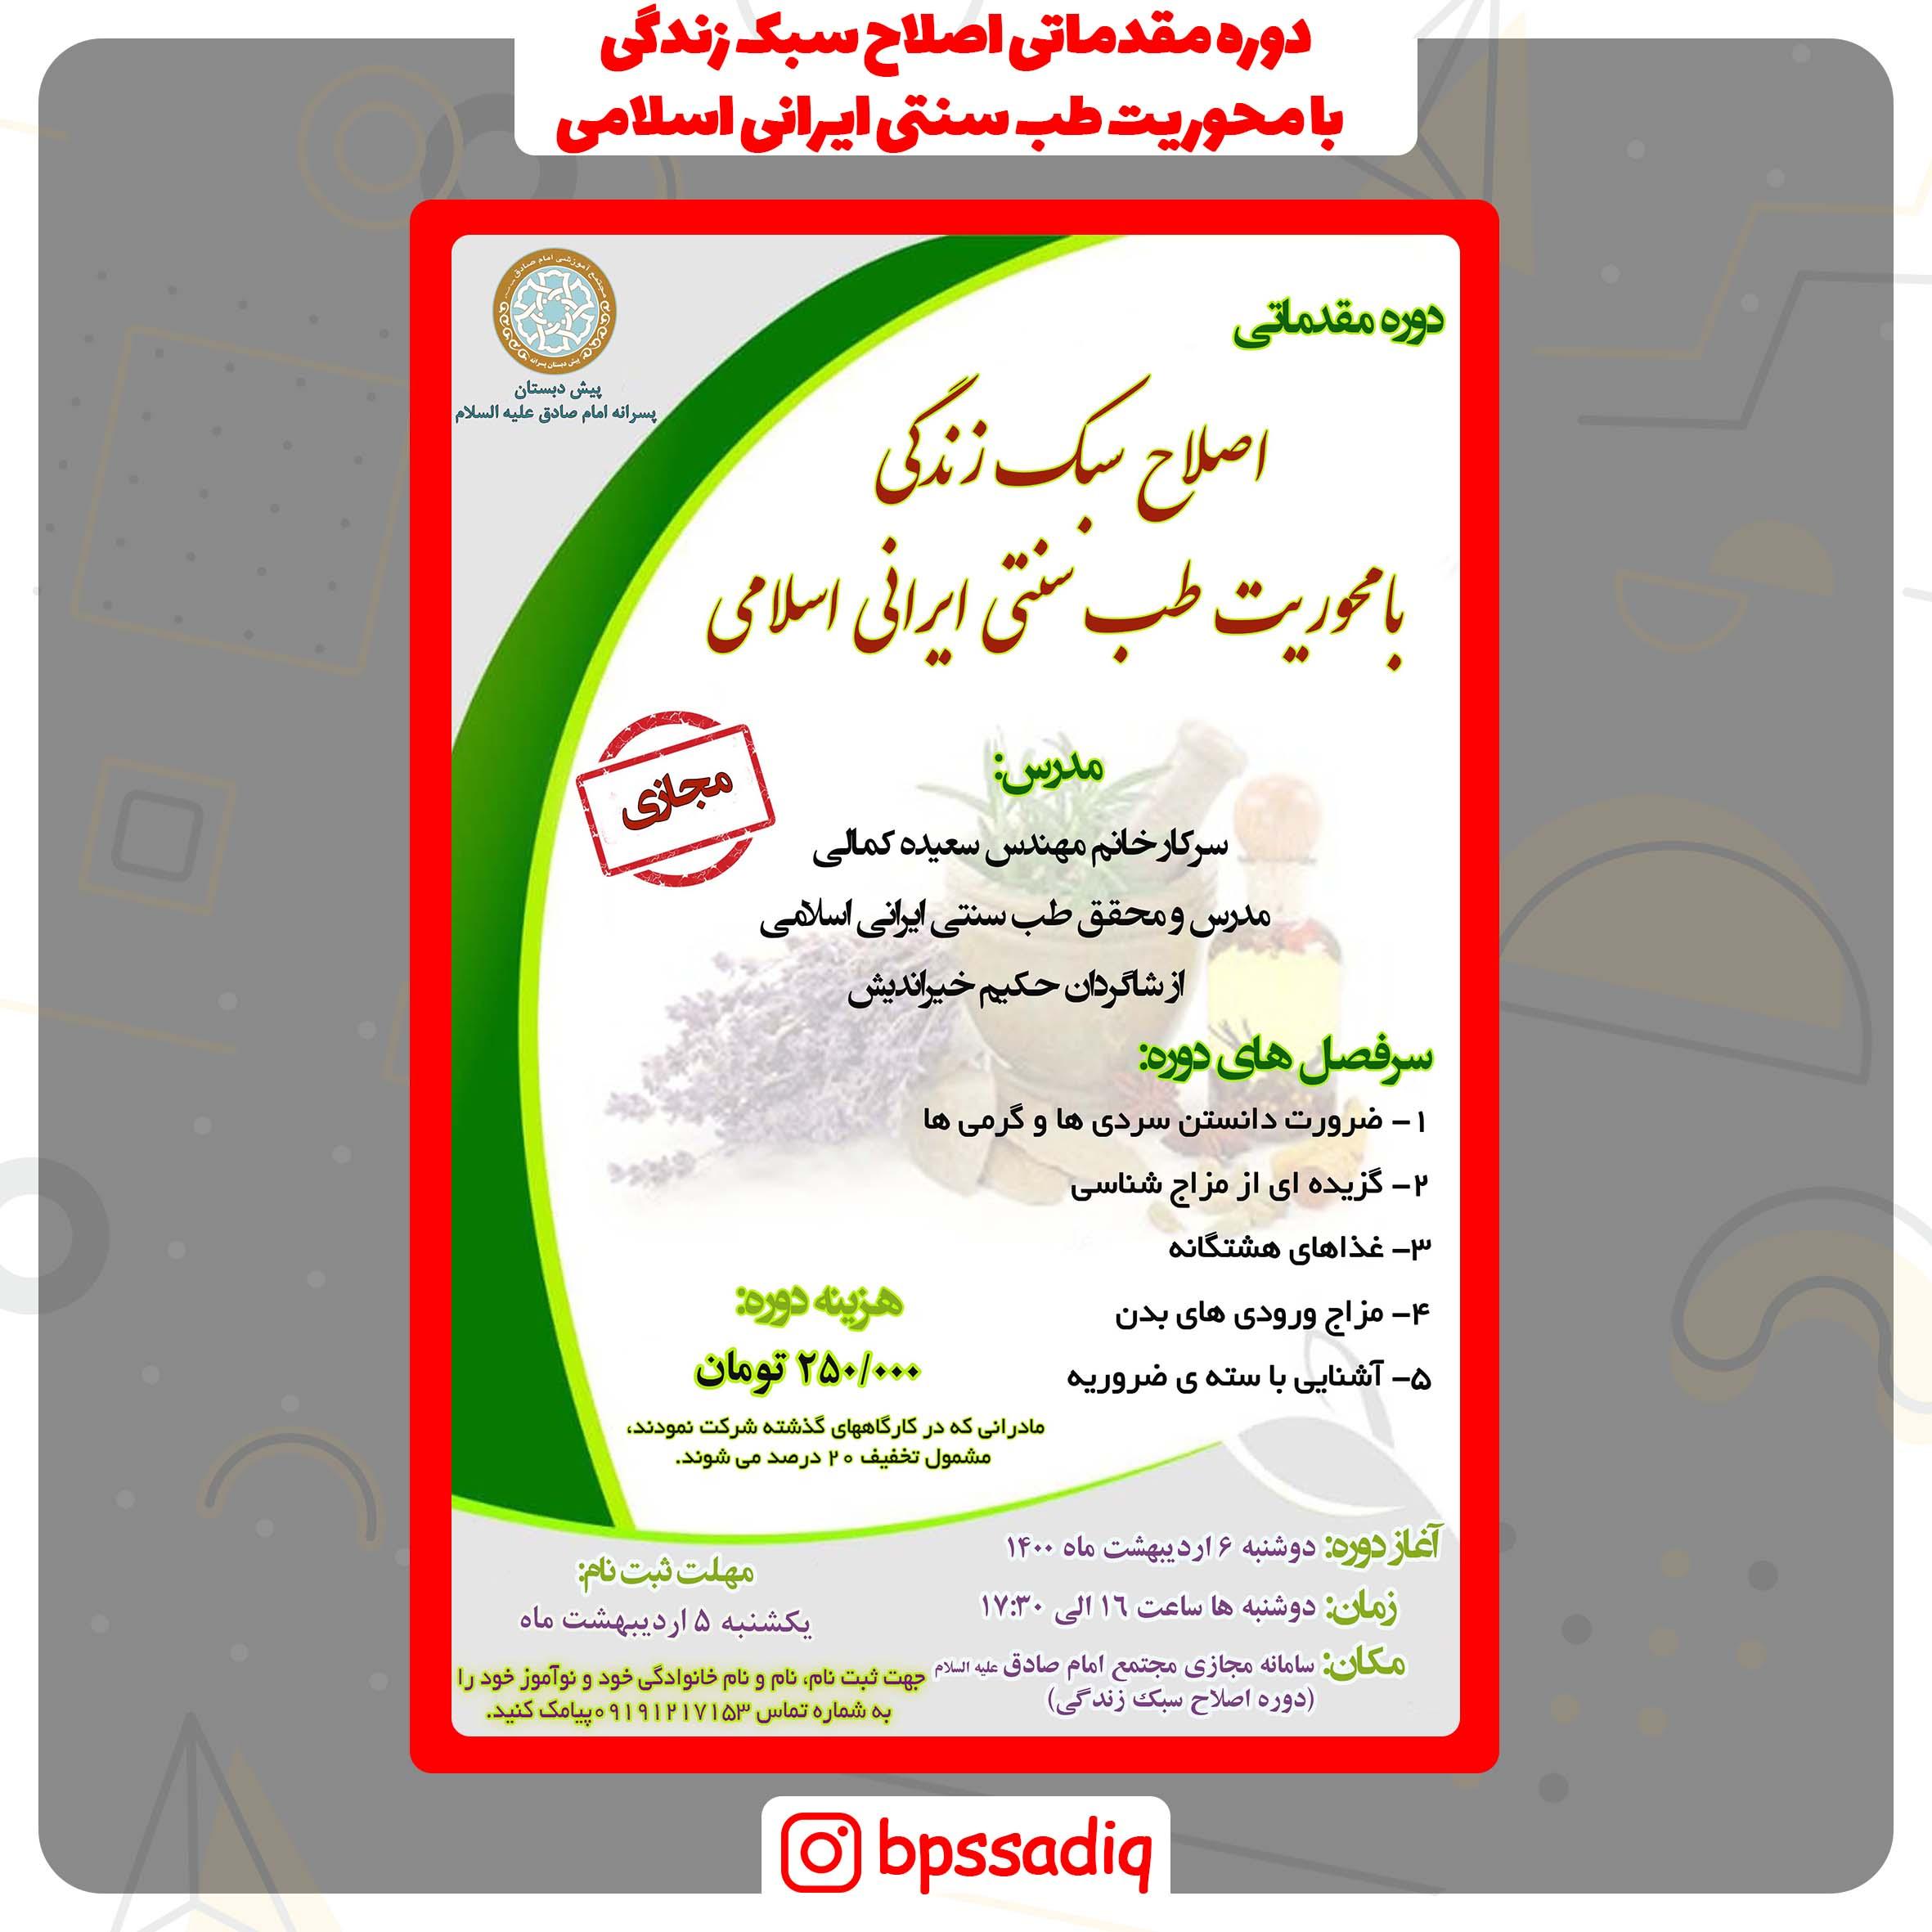 کارگاه طب سنتی ایرانی اسلامی